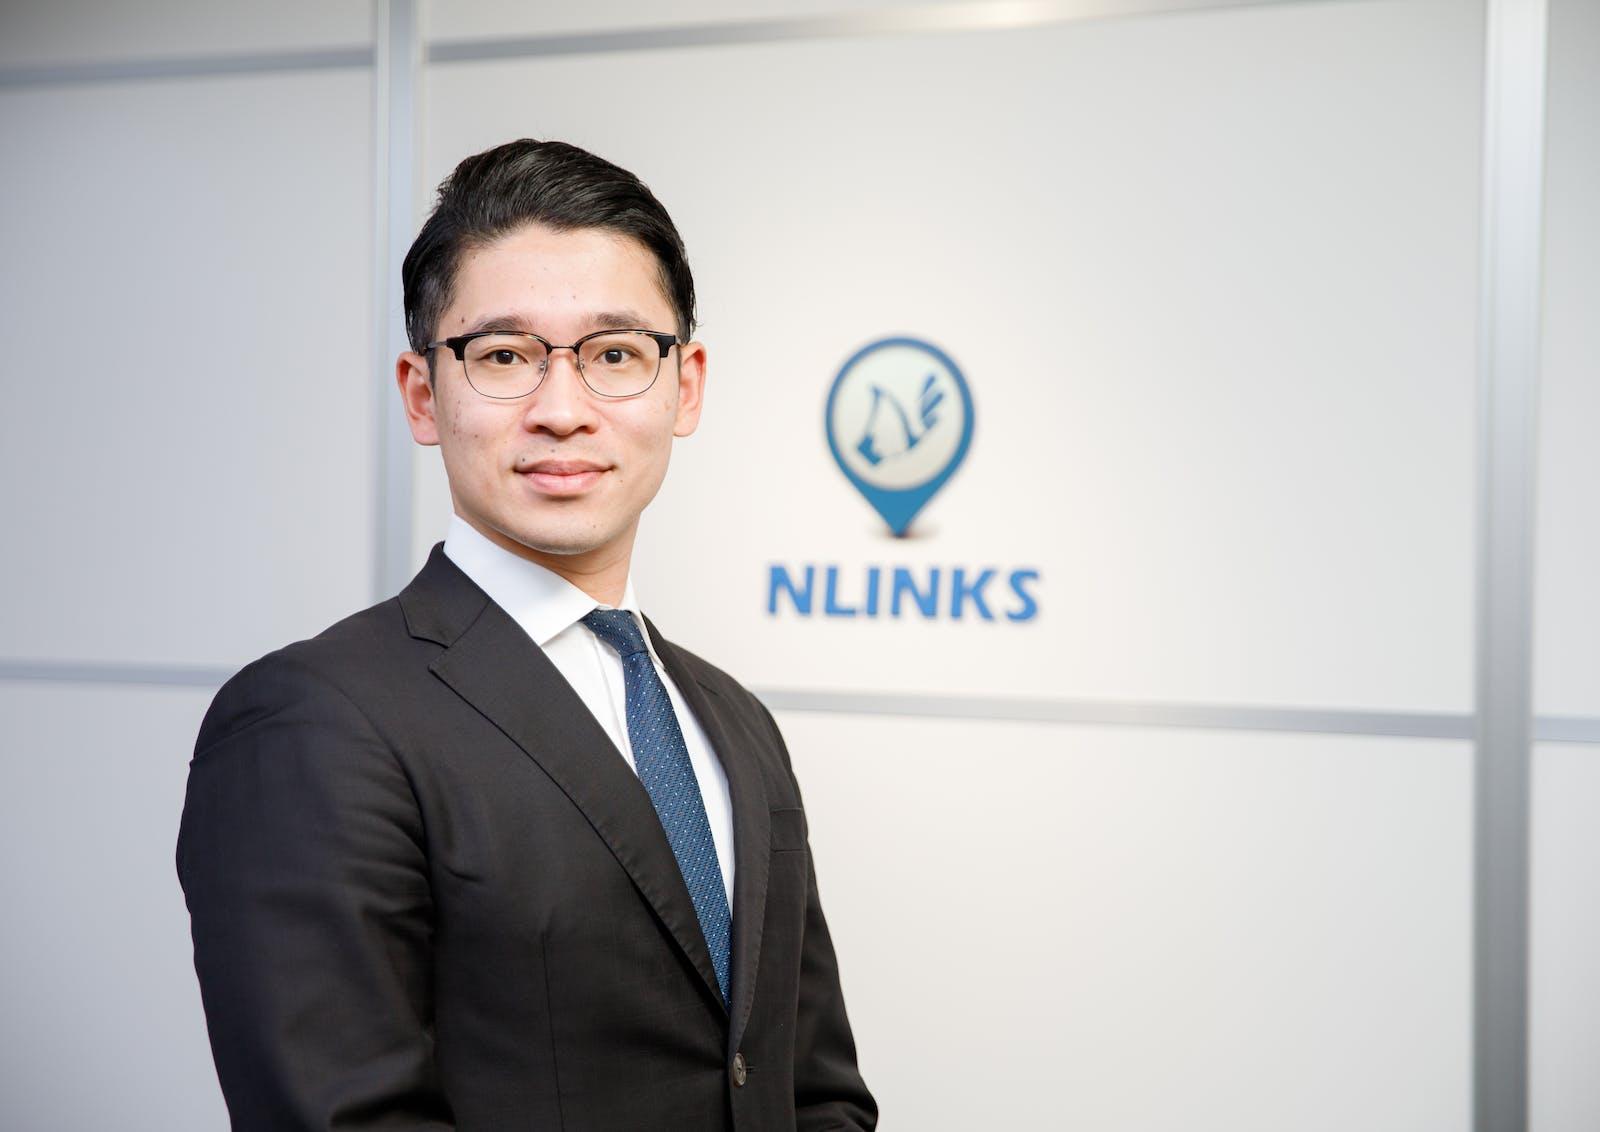 株式会社エヌリンクスのアイキャッチ画像